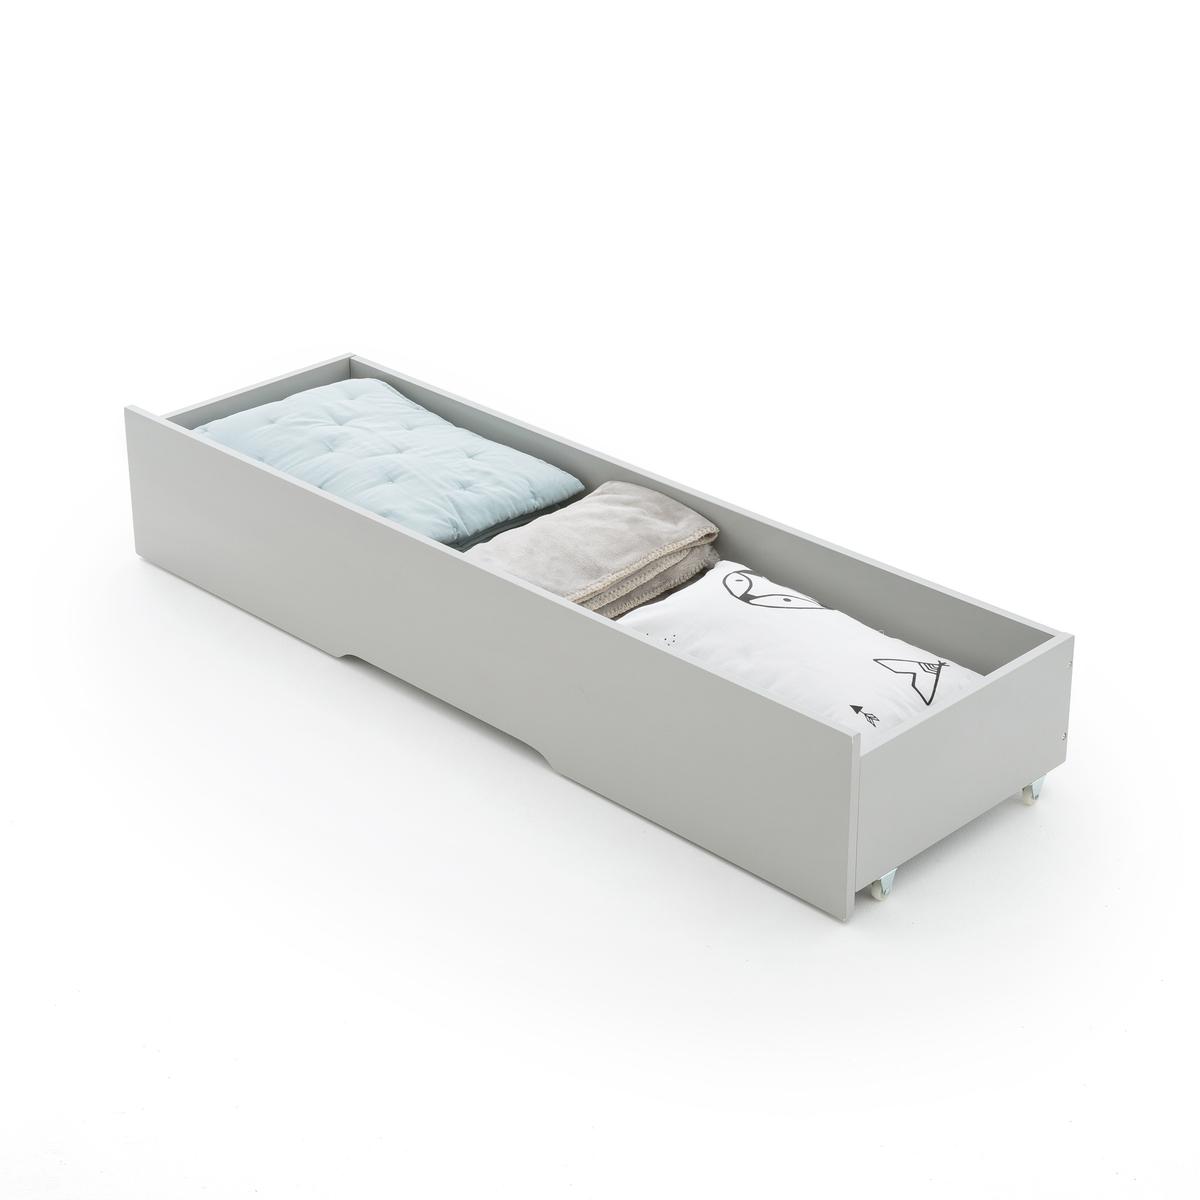 Ящик LaRedoute Для хранения для раздвижной кровати NUTTO единый размер серый